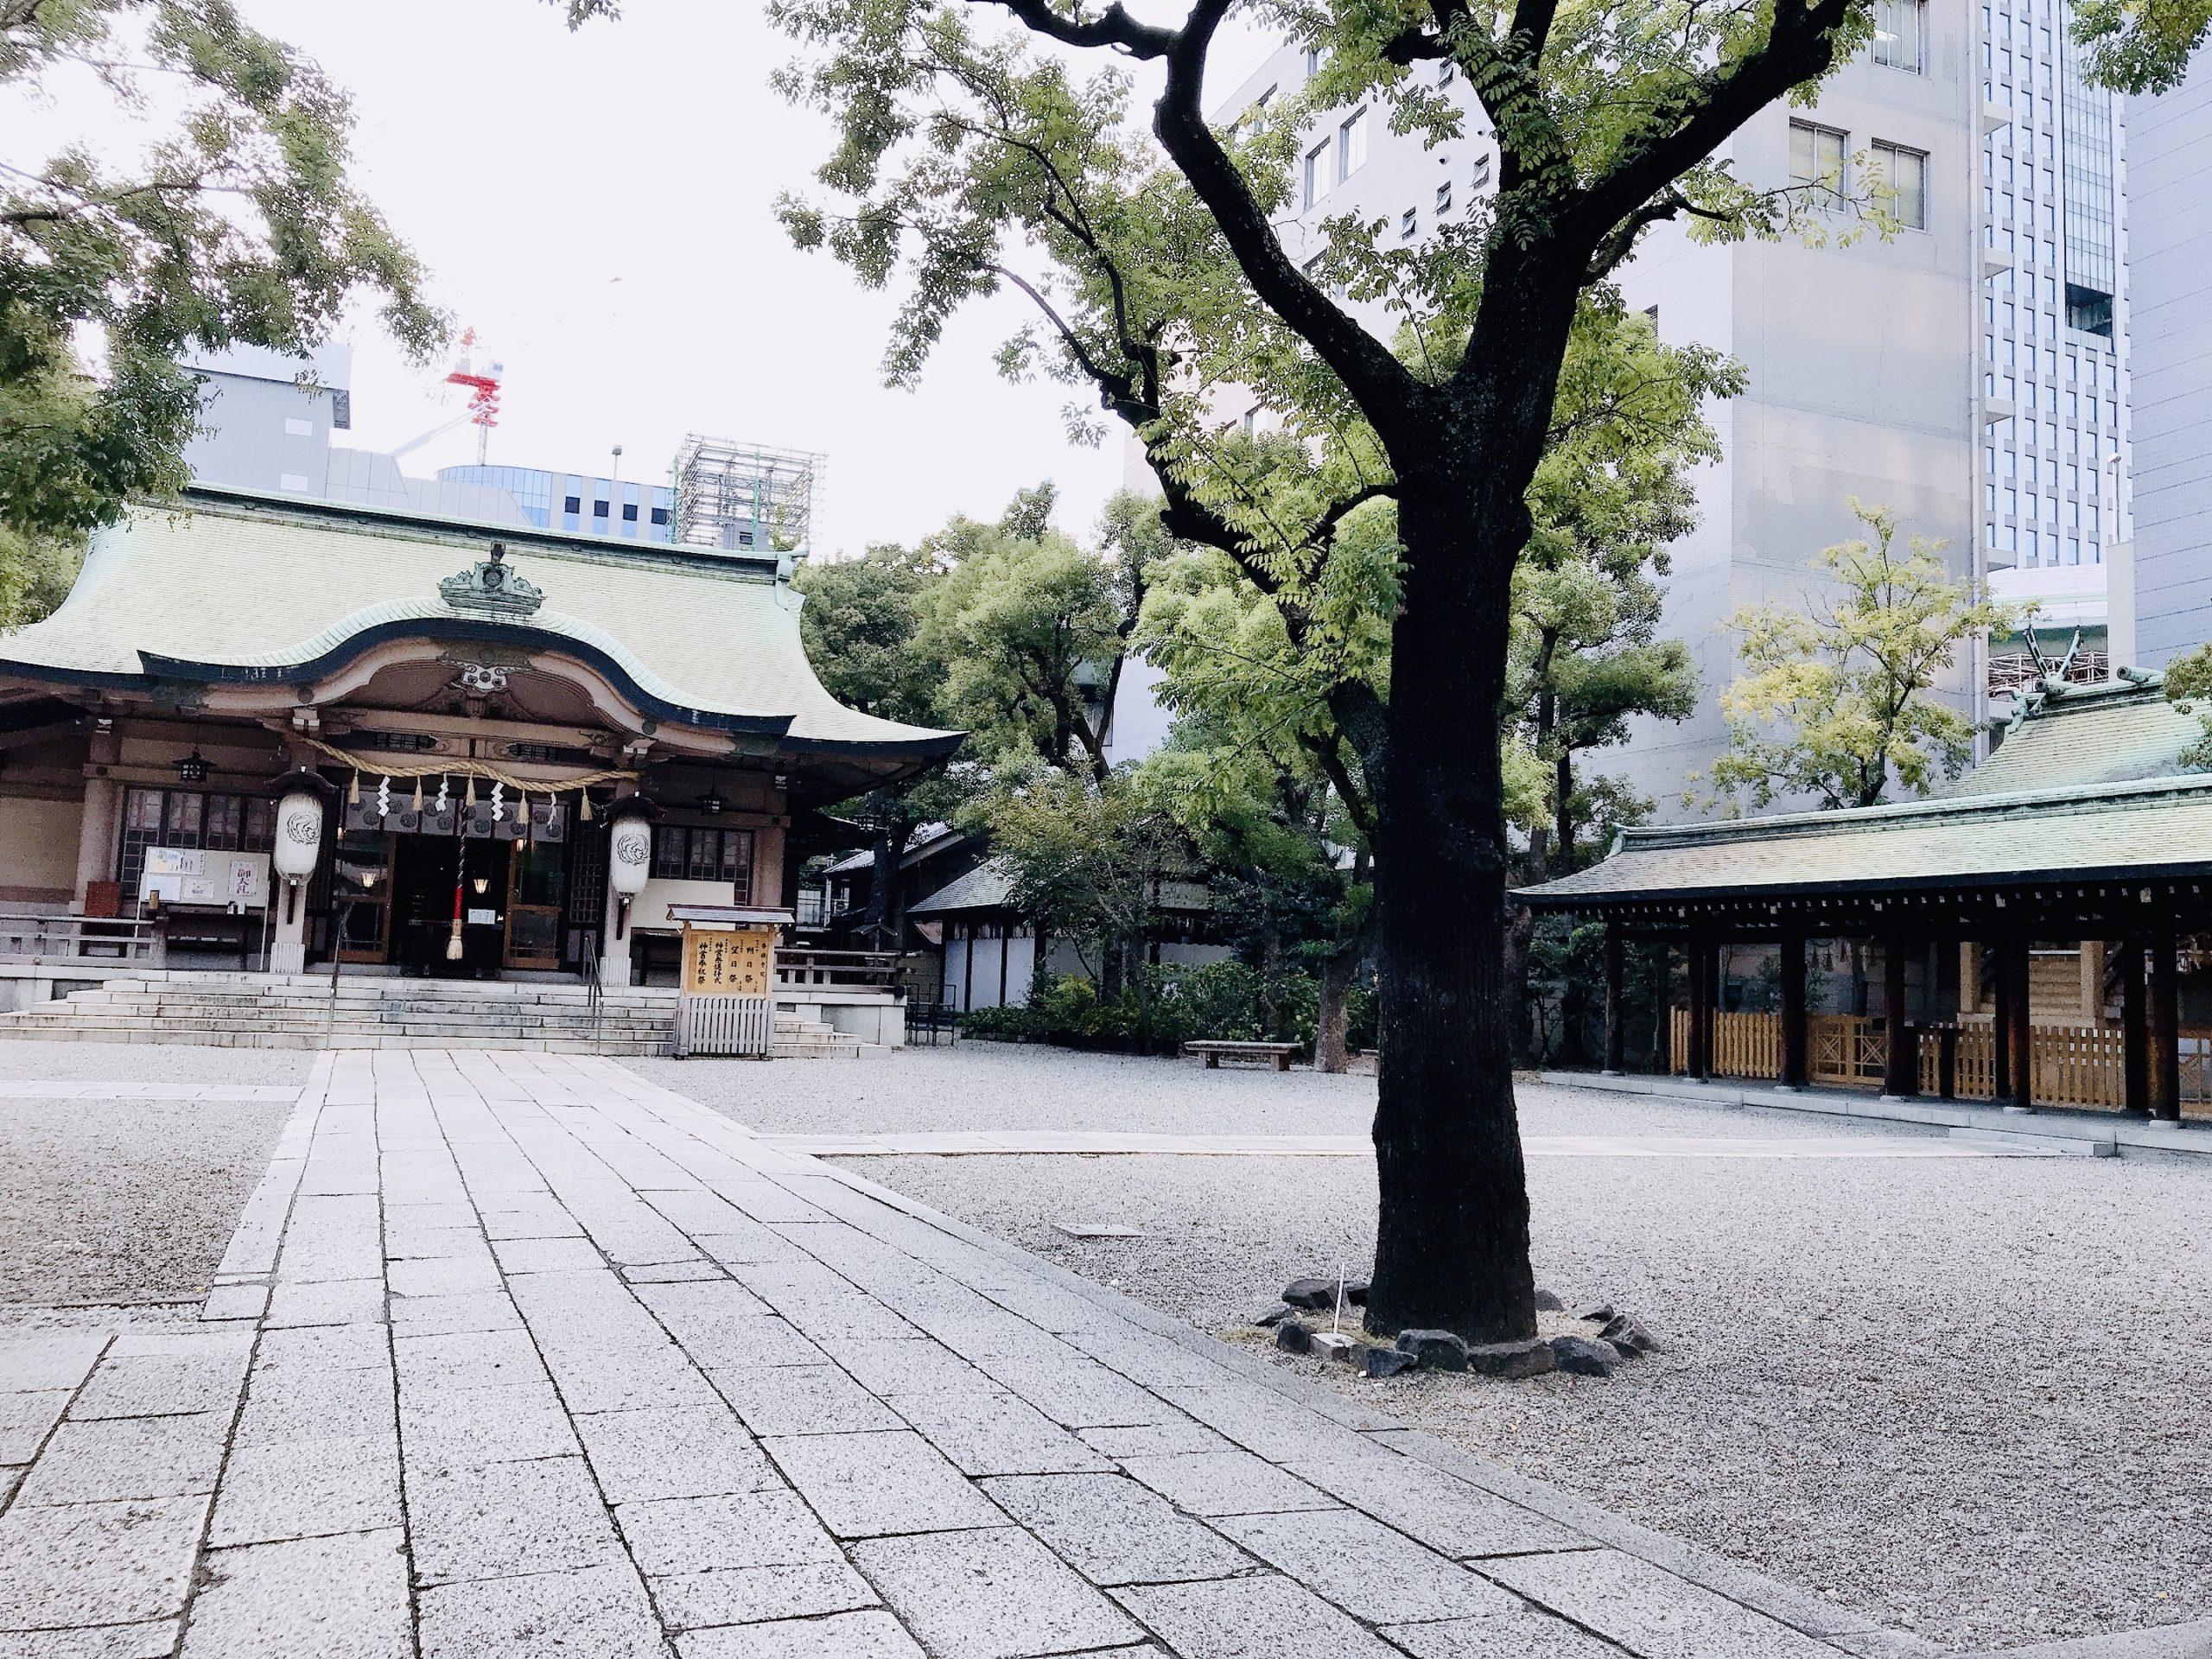 坐摩神社は大阪のパワースポット